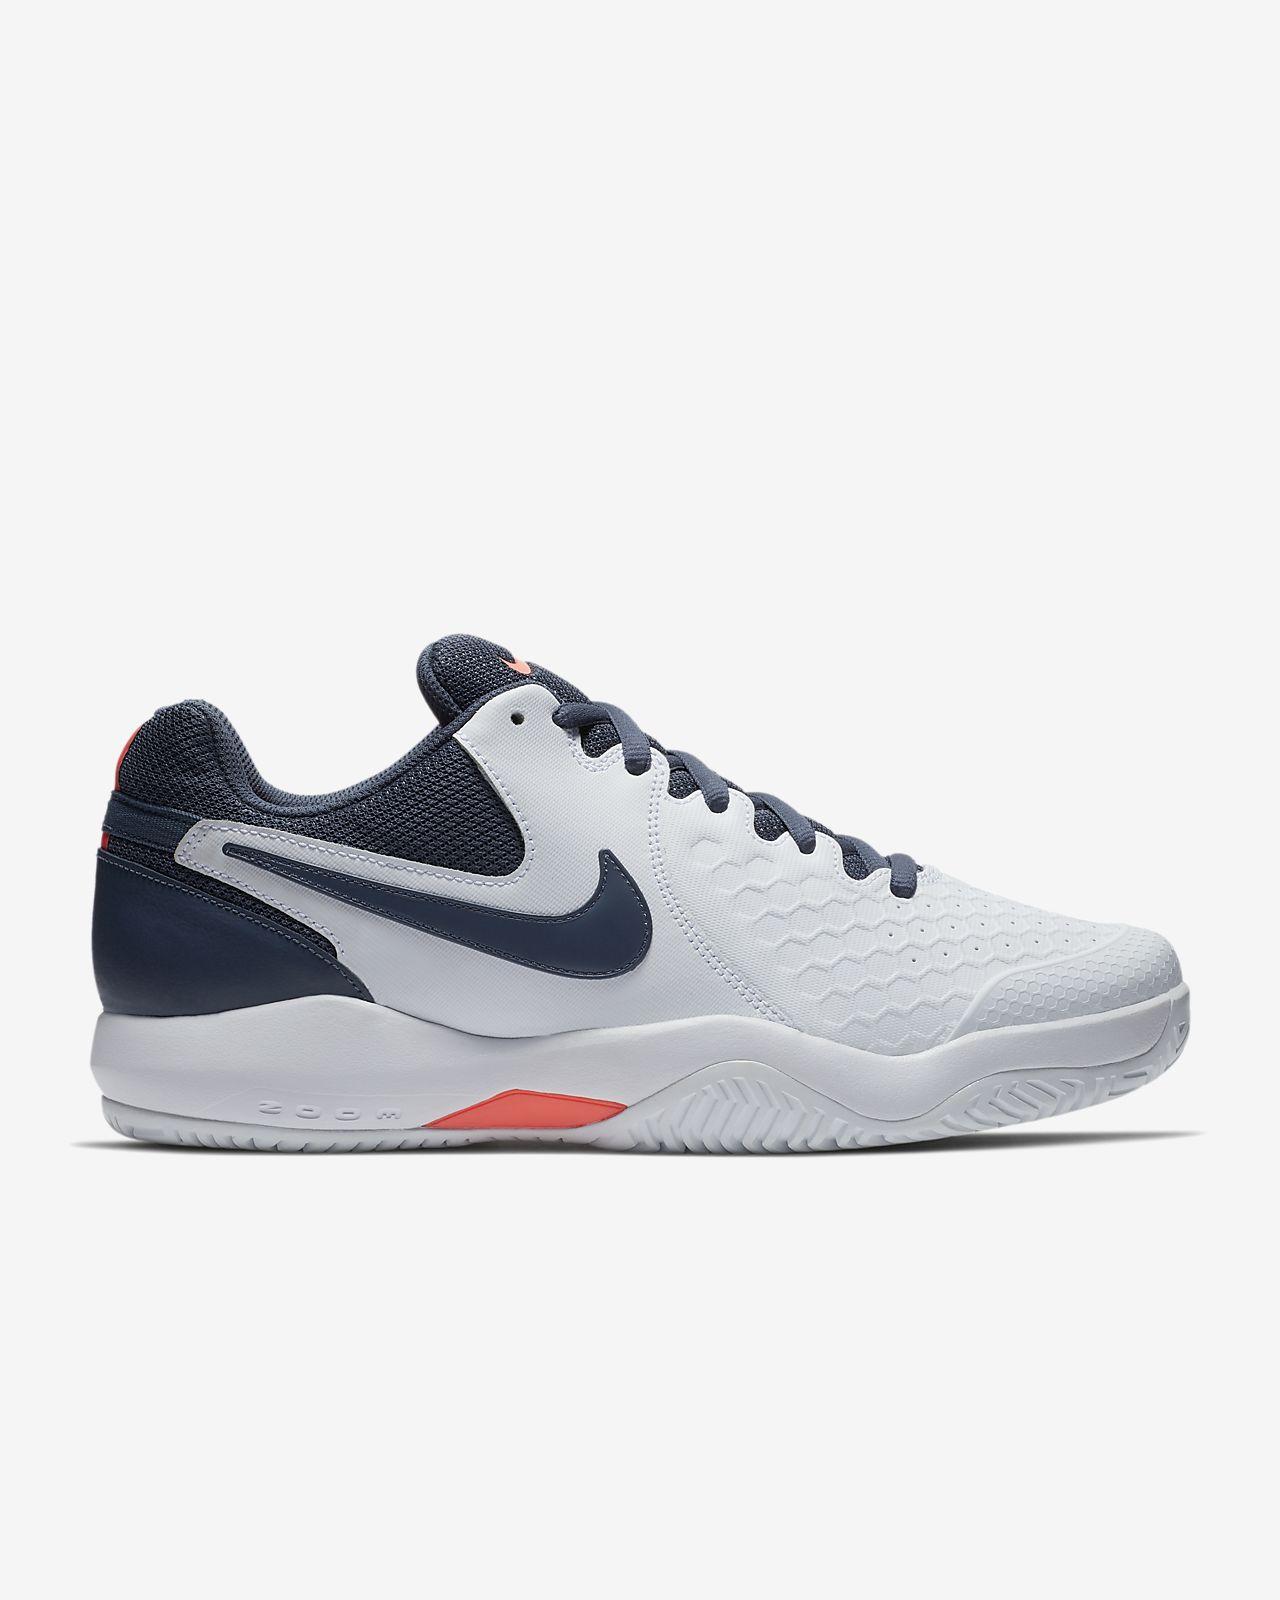 nike tennis shoes.com